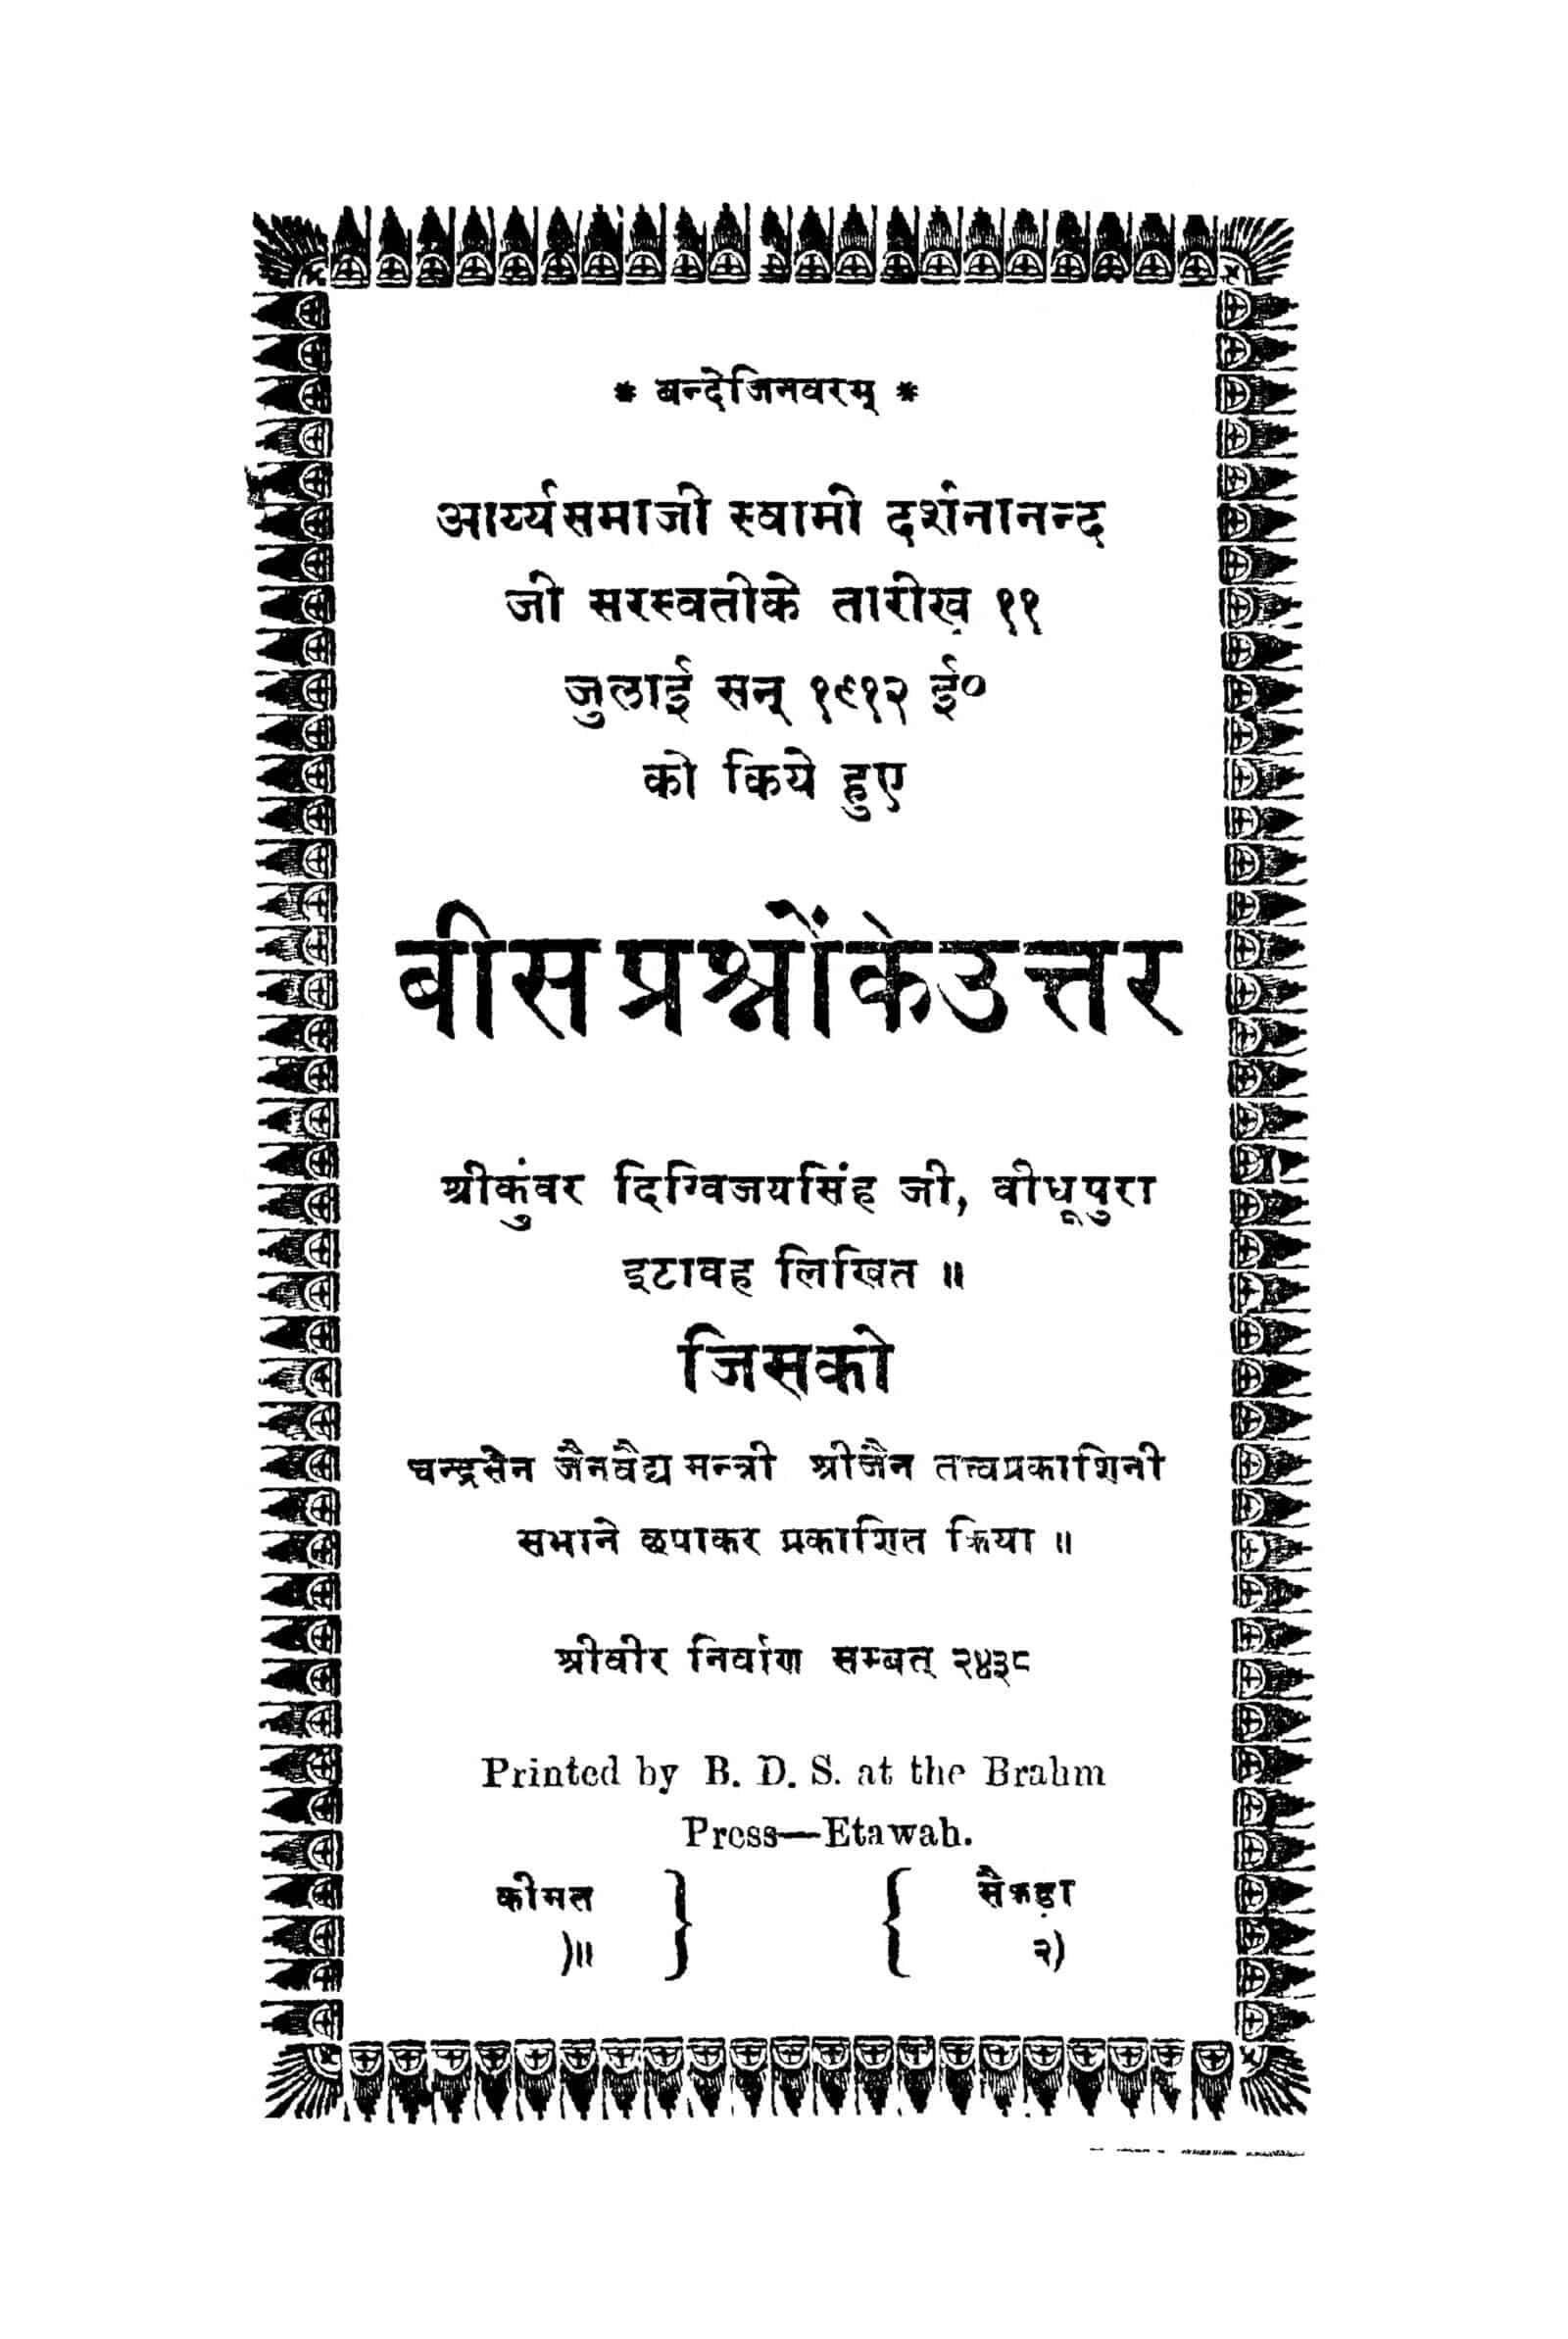 Book Image : बीस प्रश्नों के उत्तर  - Bees Prashno Ke Uttar